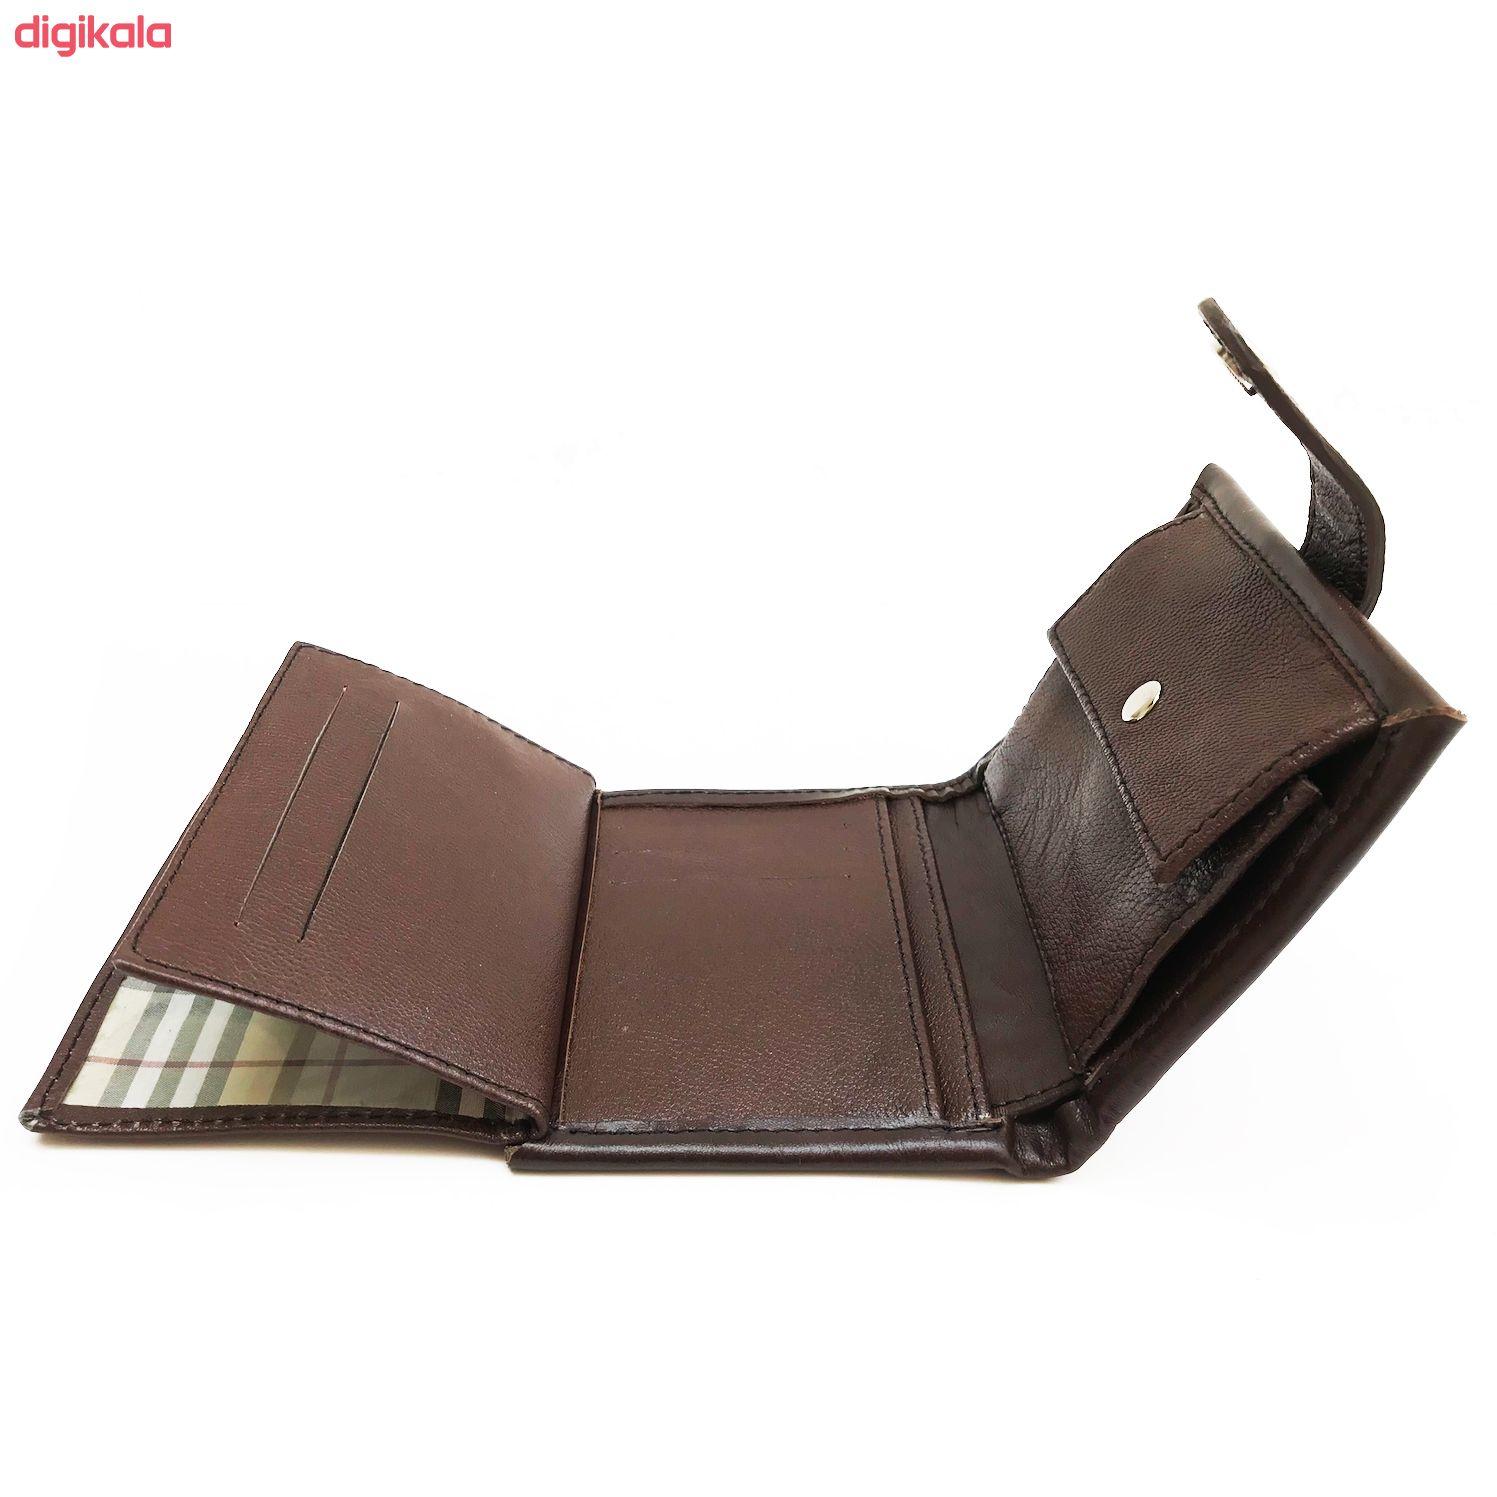 کیف پول مردانه مدل BH02 main 1 2